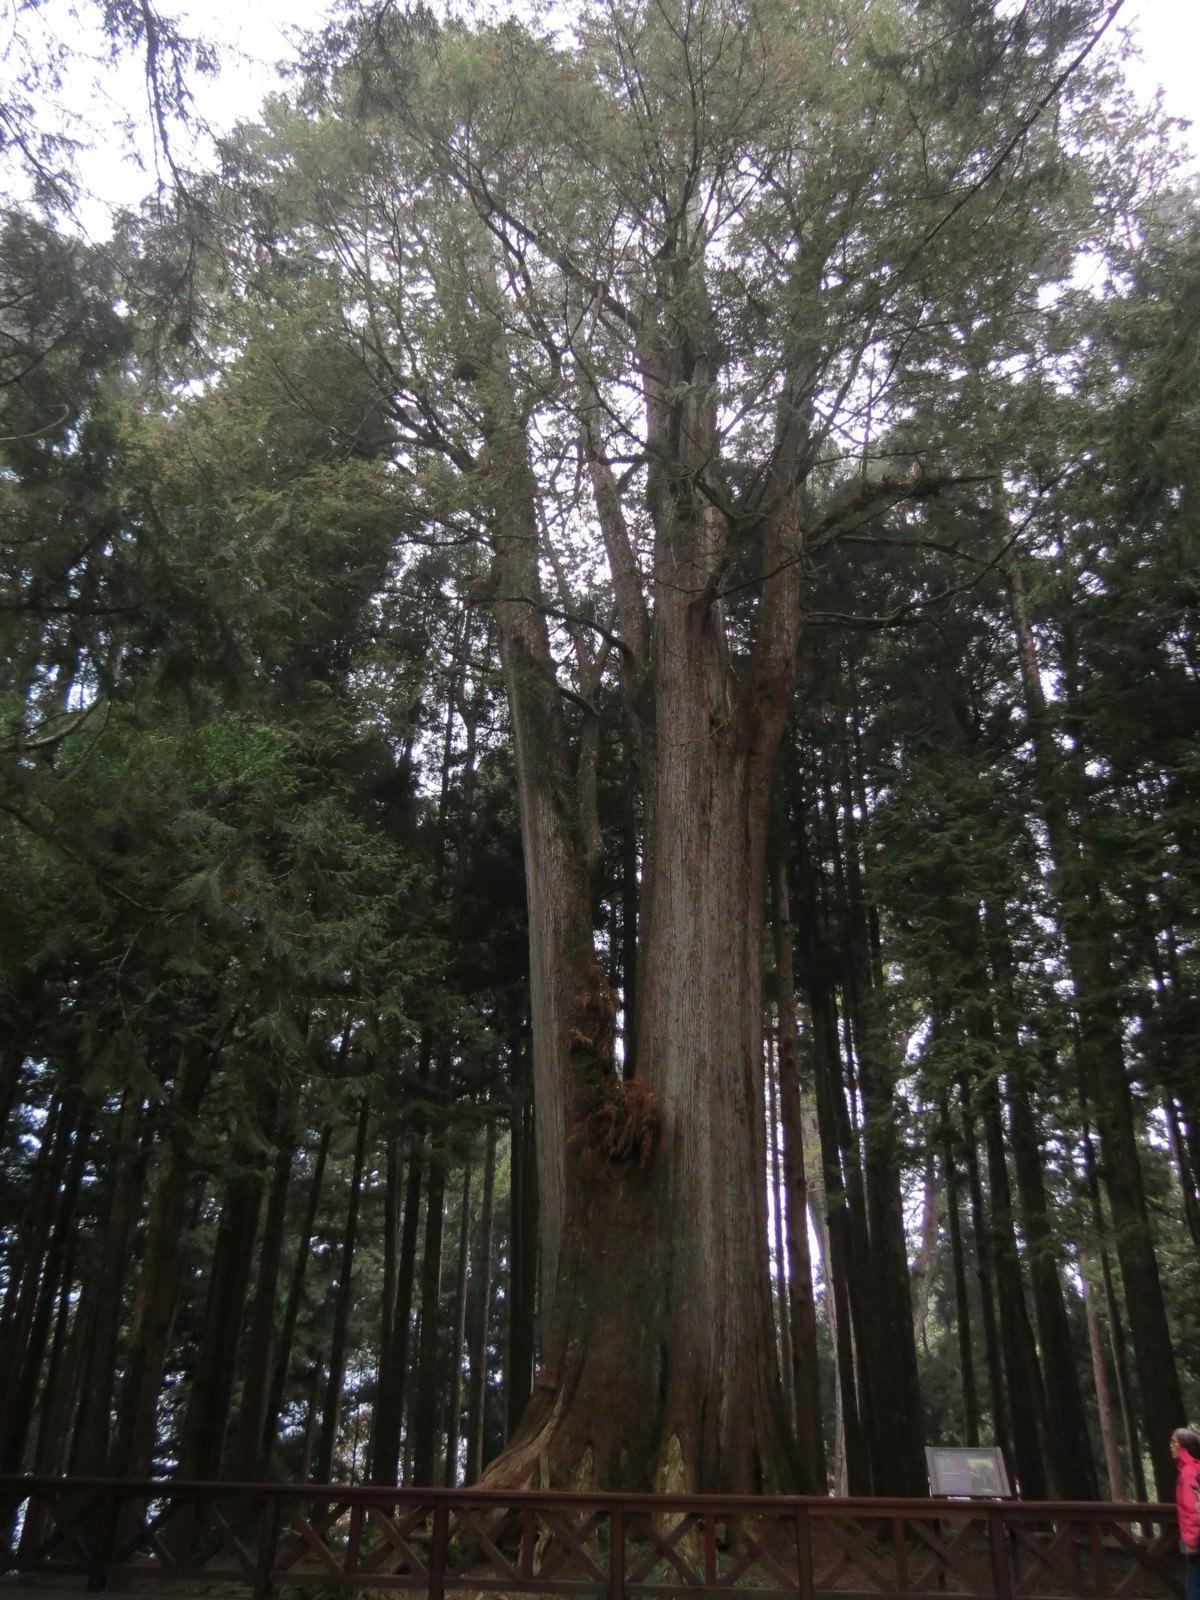 阿里山國家風景區, 千歲檜